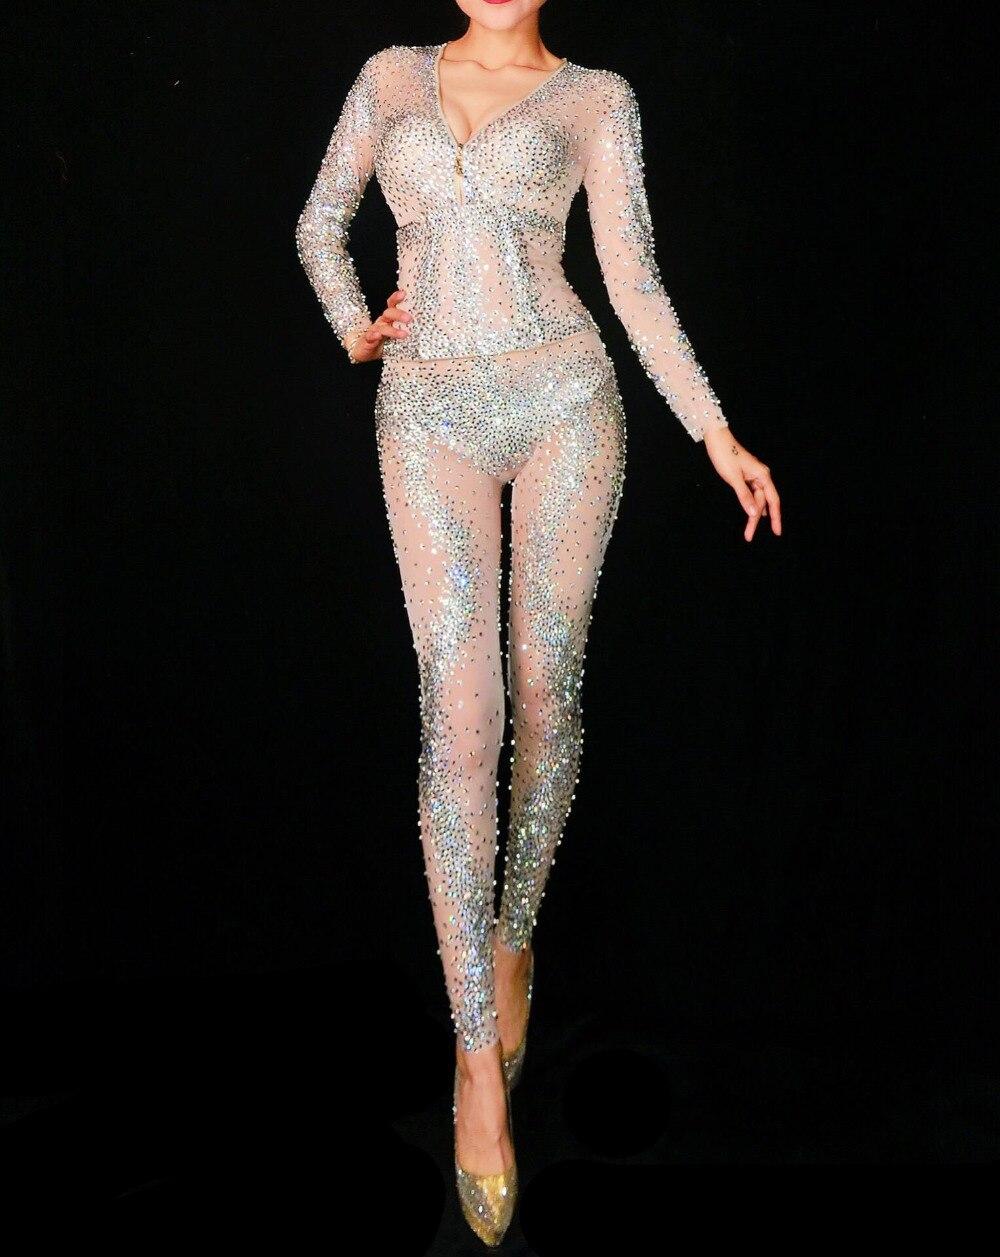 Perspective Body Strass Rose Tenue Scintillant Blanc De blue Discothèque Bleu Maille Scène Chanteuse Costume Cristaux Ds Salopette White pink 8S0FqS